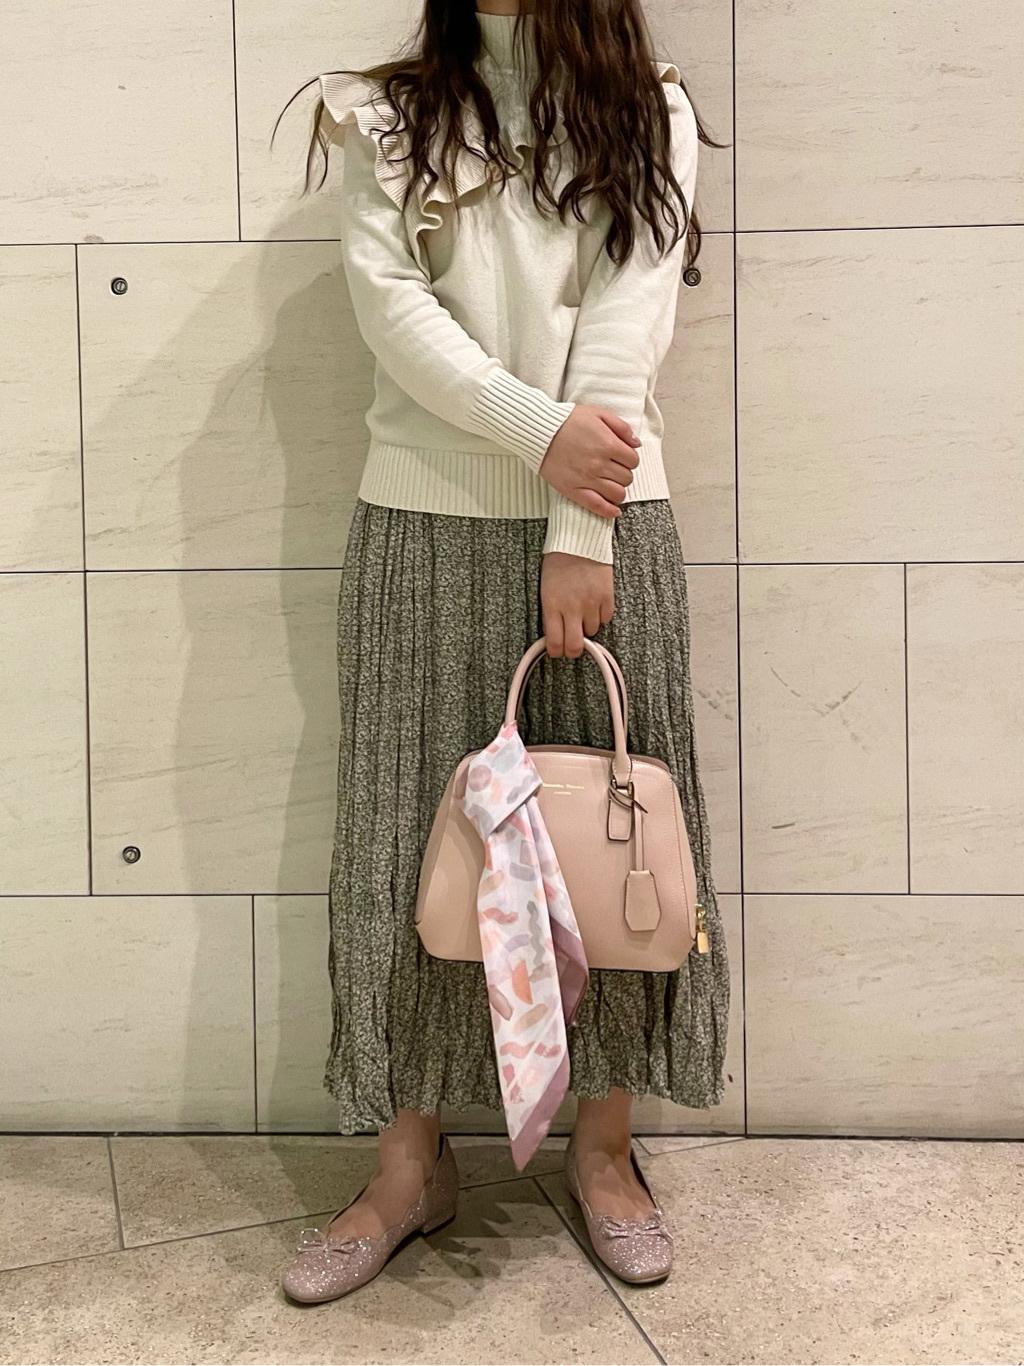 サマンサタバサデラックス サマンサタバサプチチョイス そごう広島店 akari